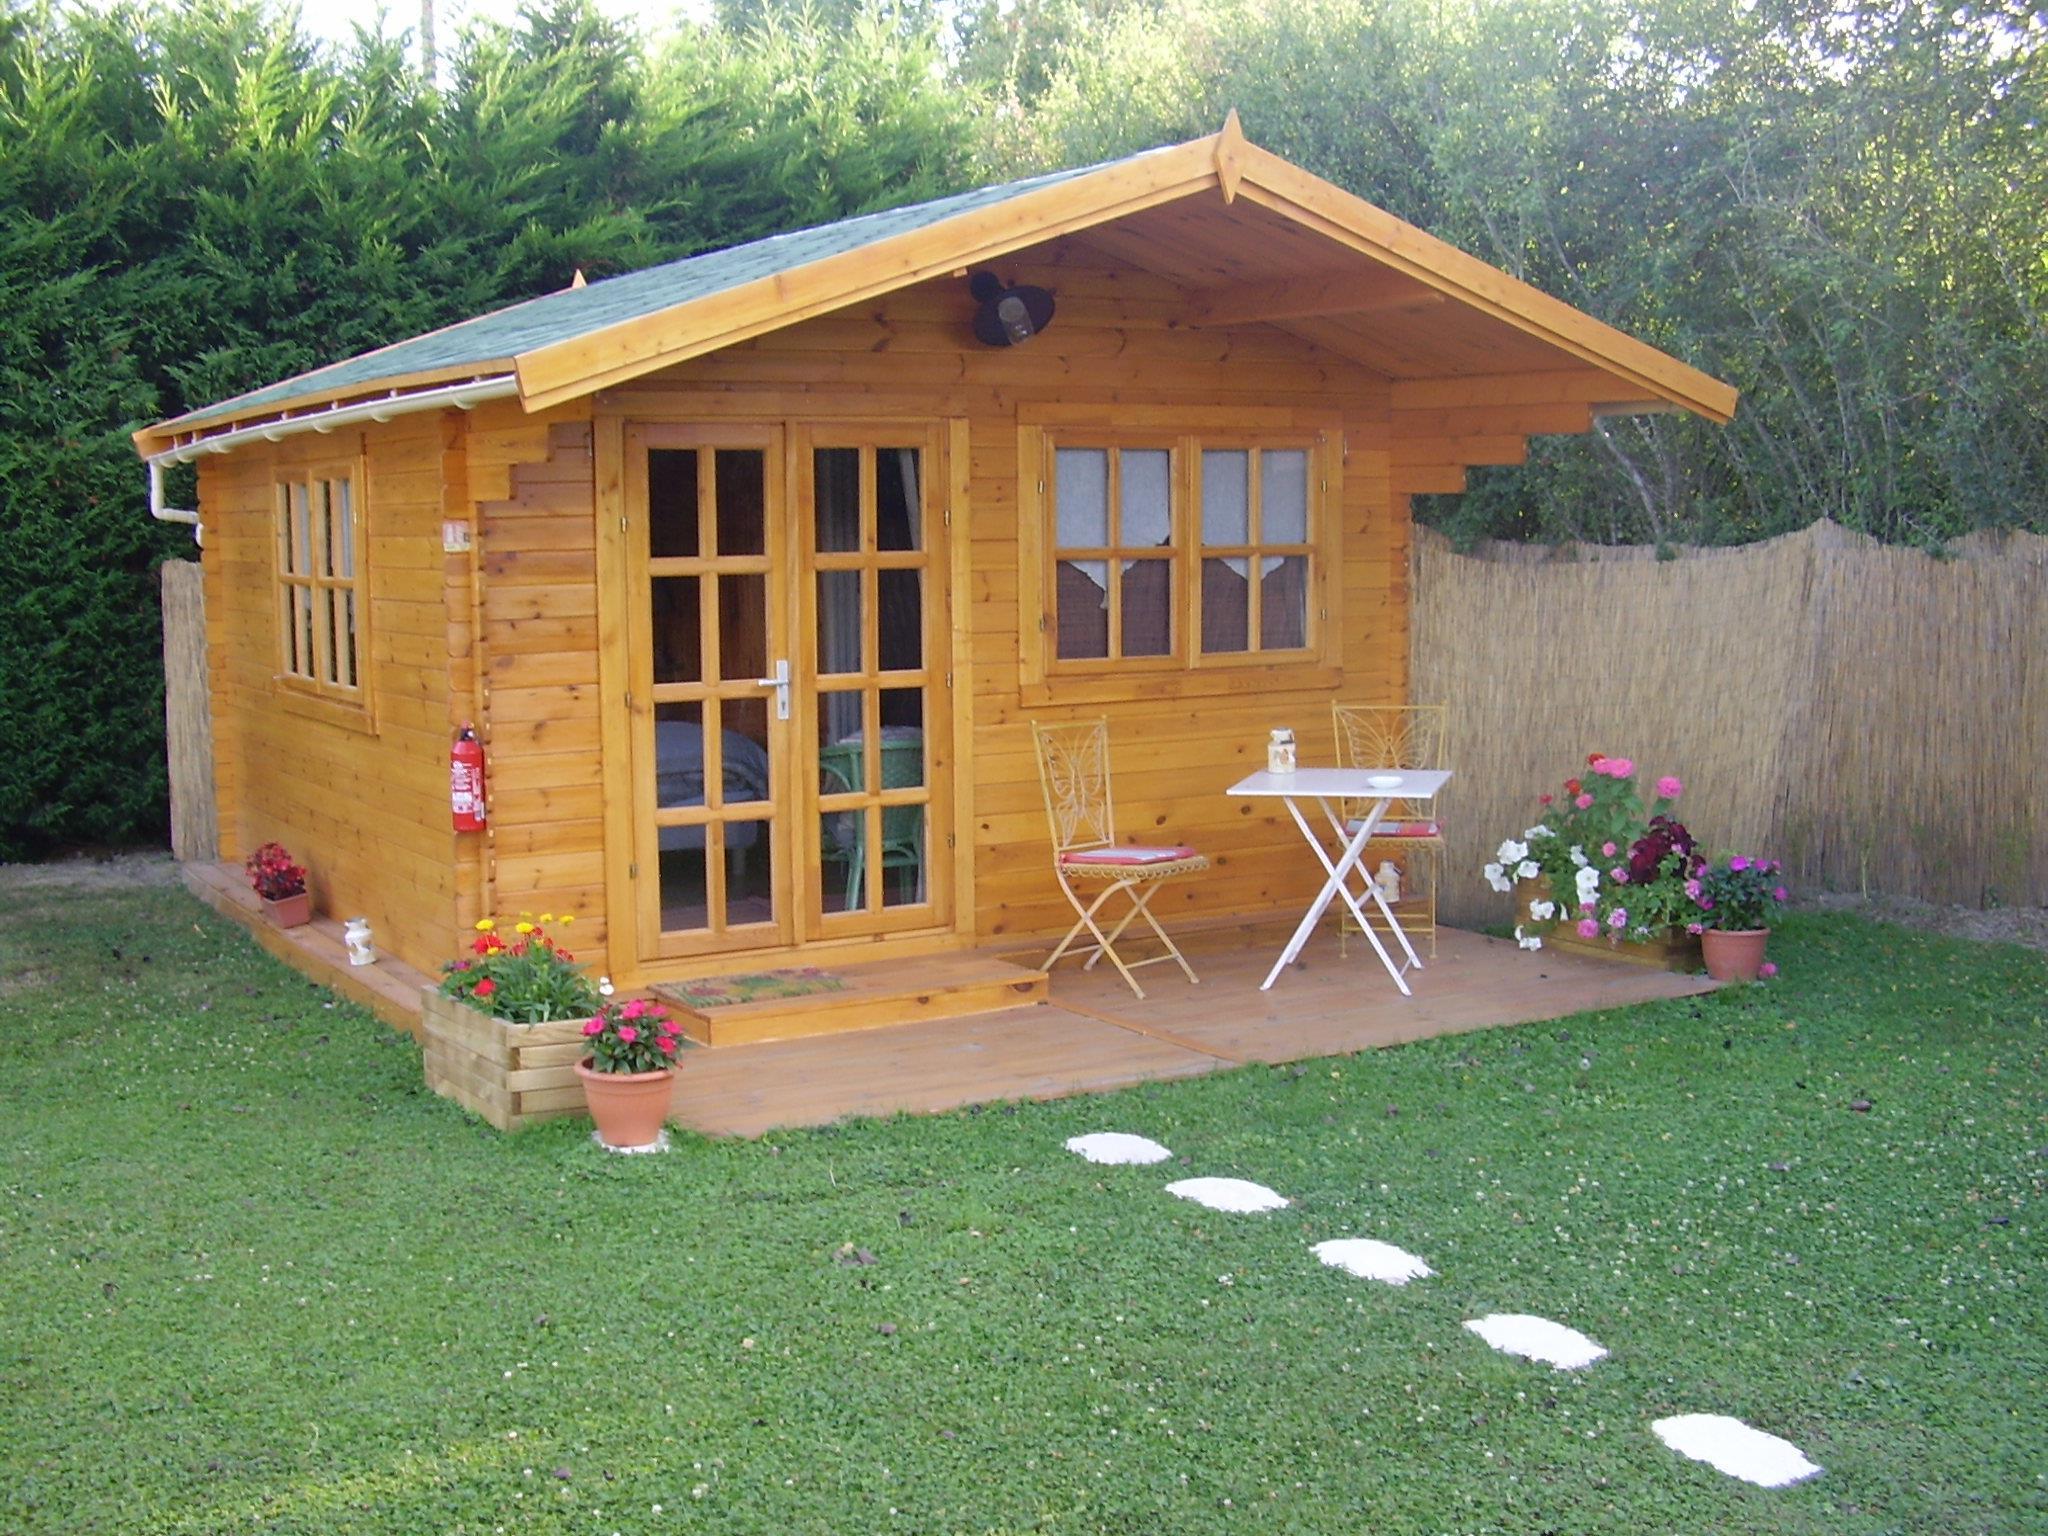 Comment isoler une cabane en bois